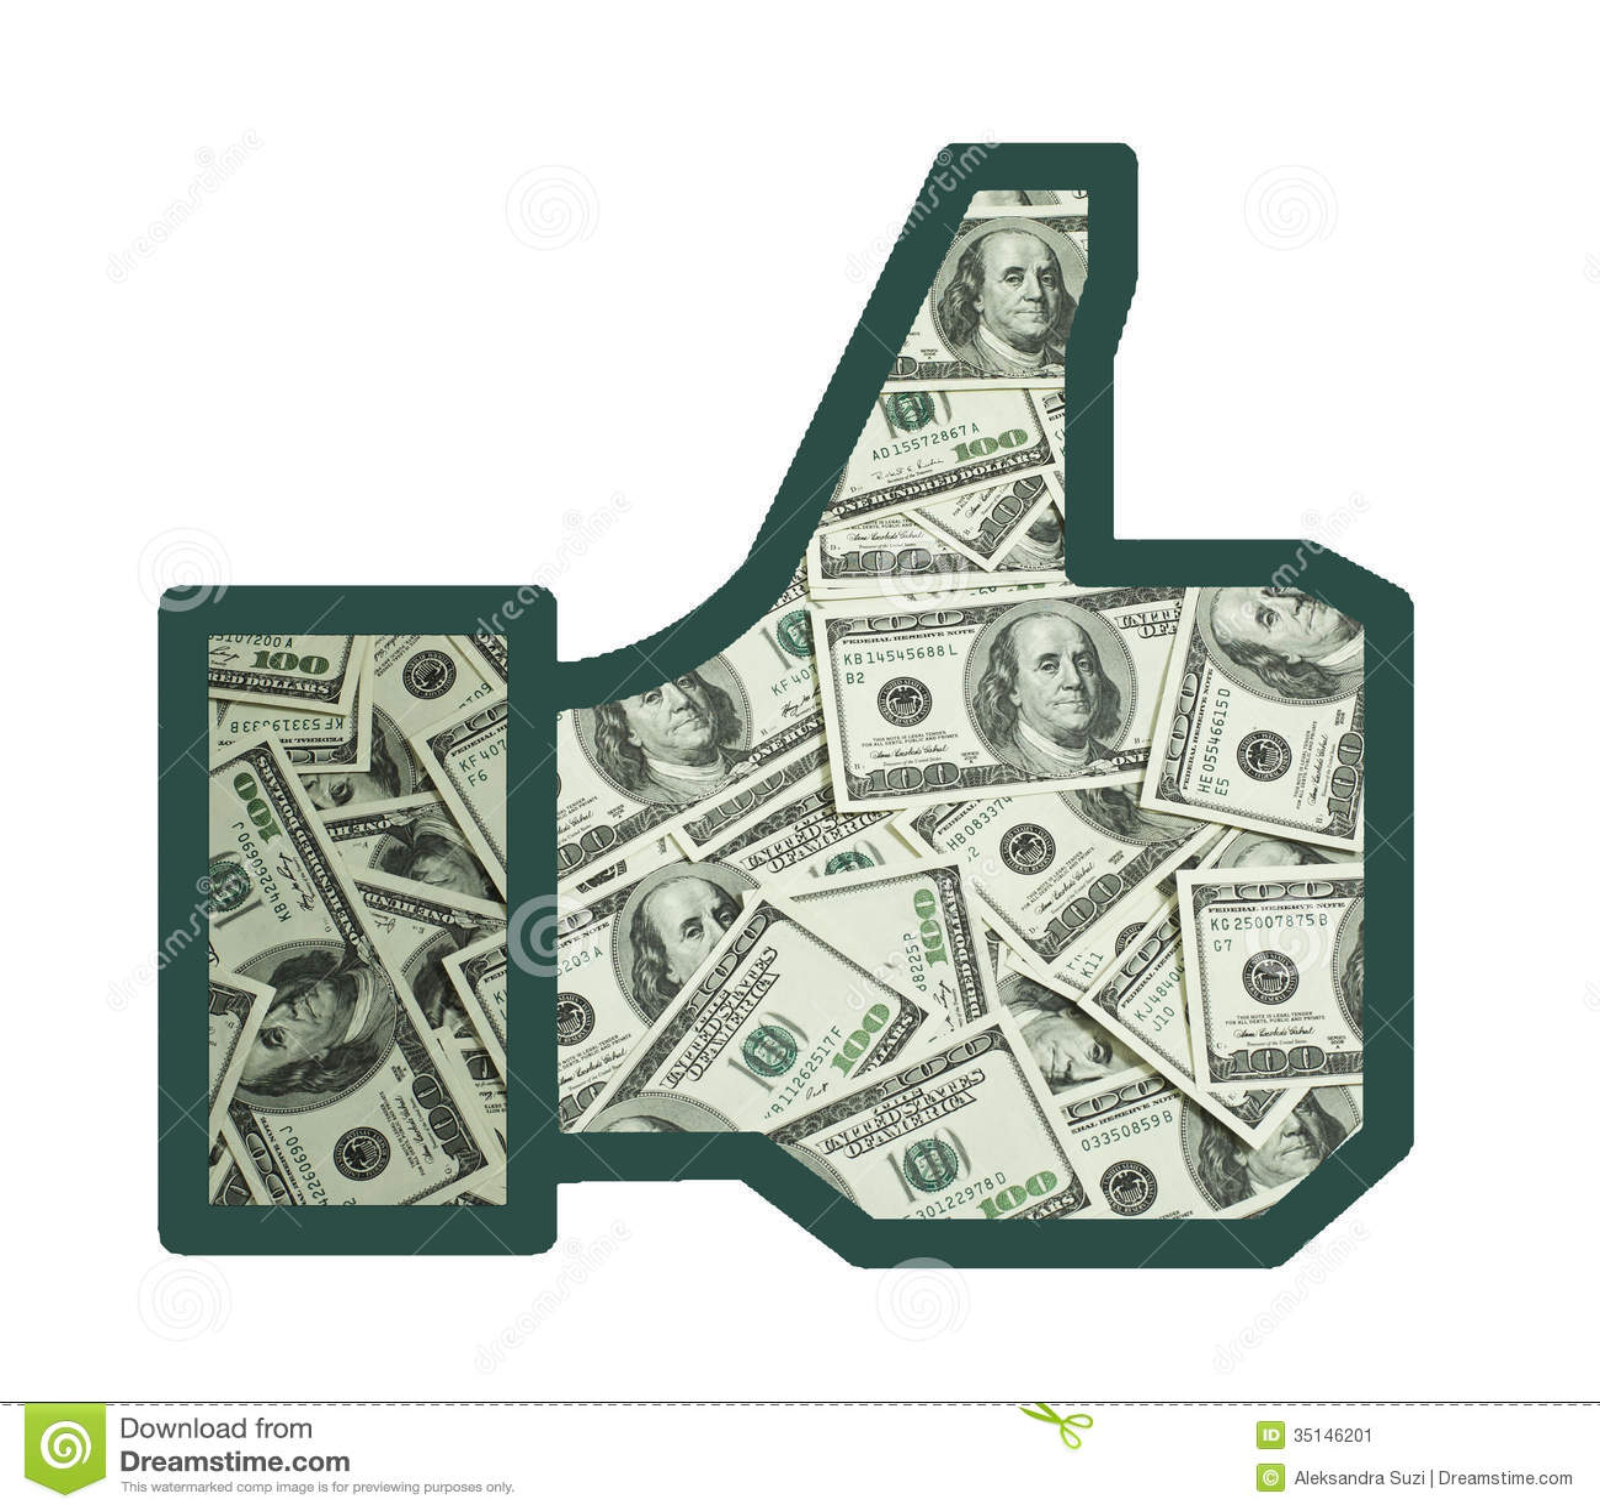 Like Of Money Stock Image - Image: 35146201